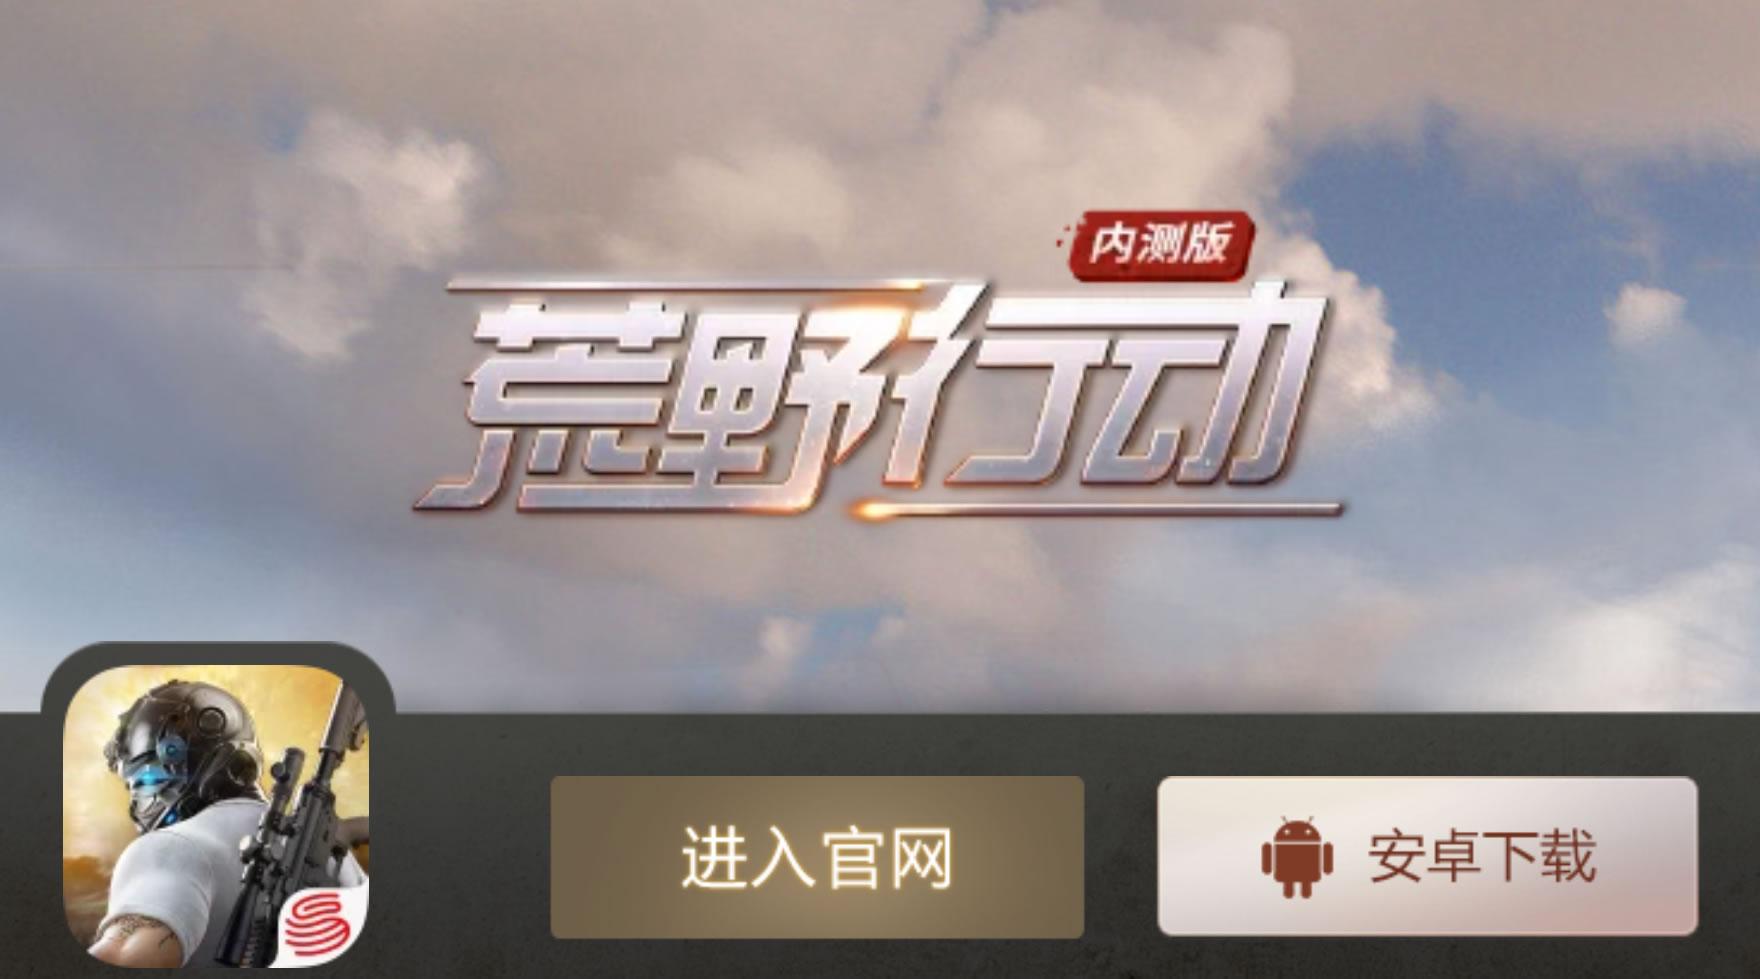 荒野行動のアンドロイド[android]でPC版のアプリの取り方そこからPCまでのやり方